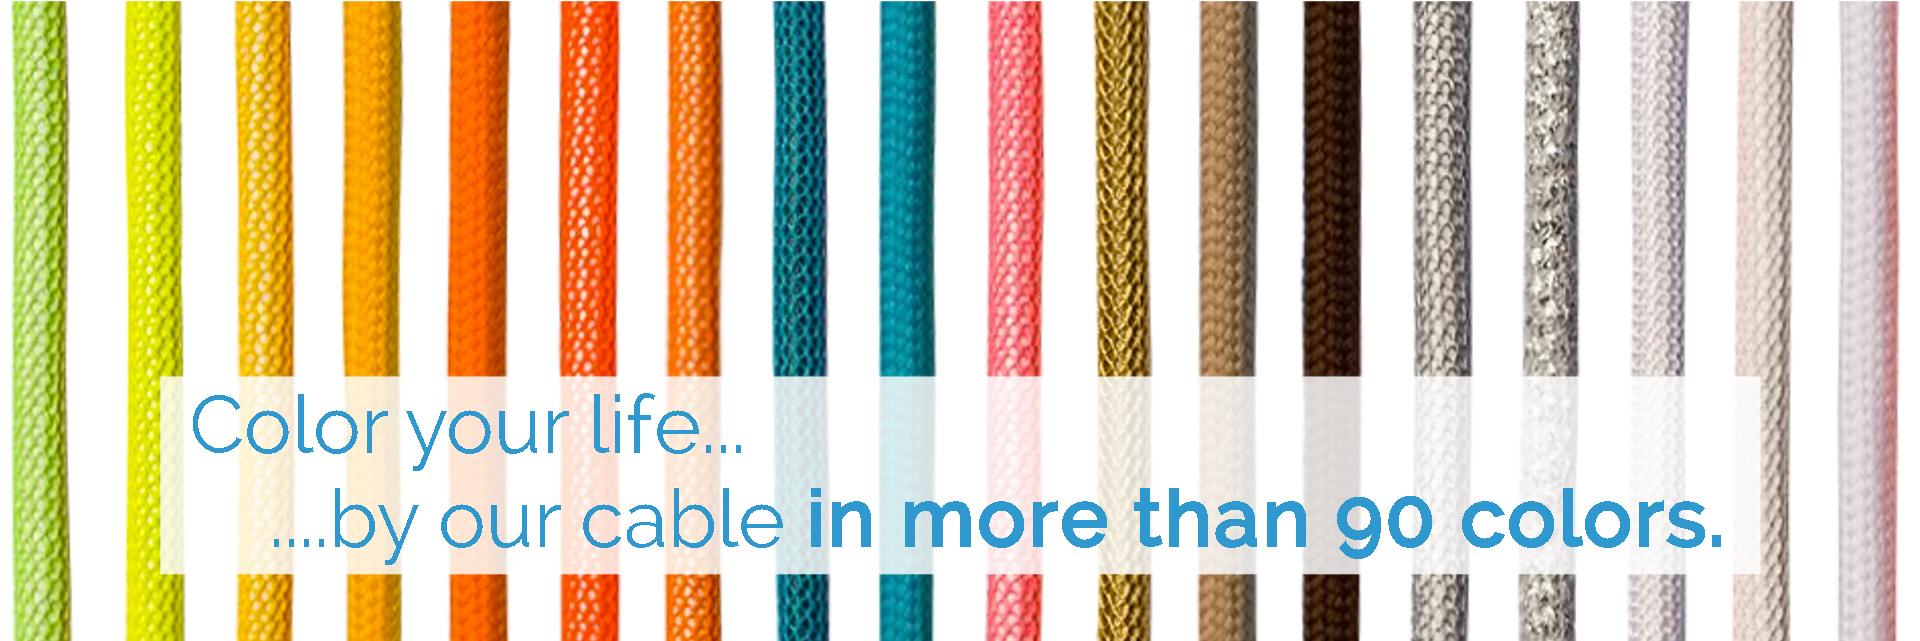 Gestalten Sie Ihr Leben bunter - Textilkabel in ueber 90 verschiedenen Farben